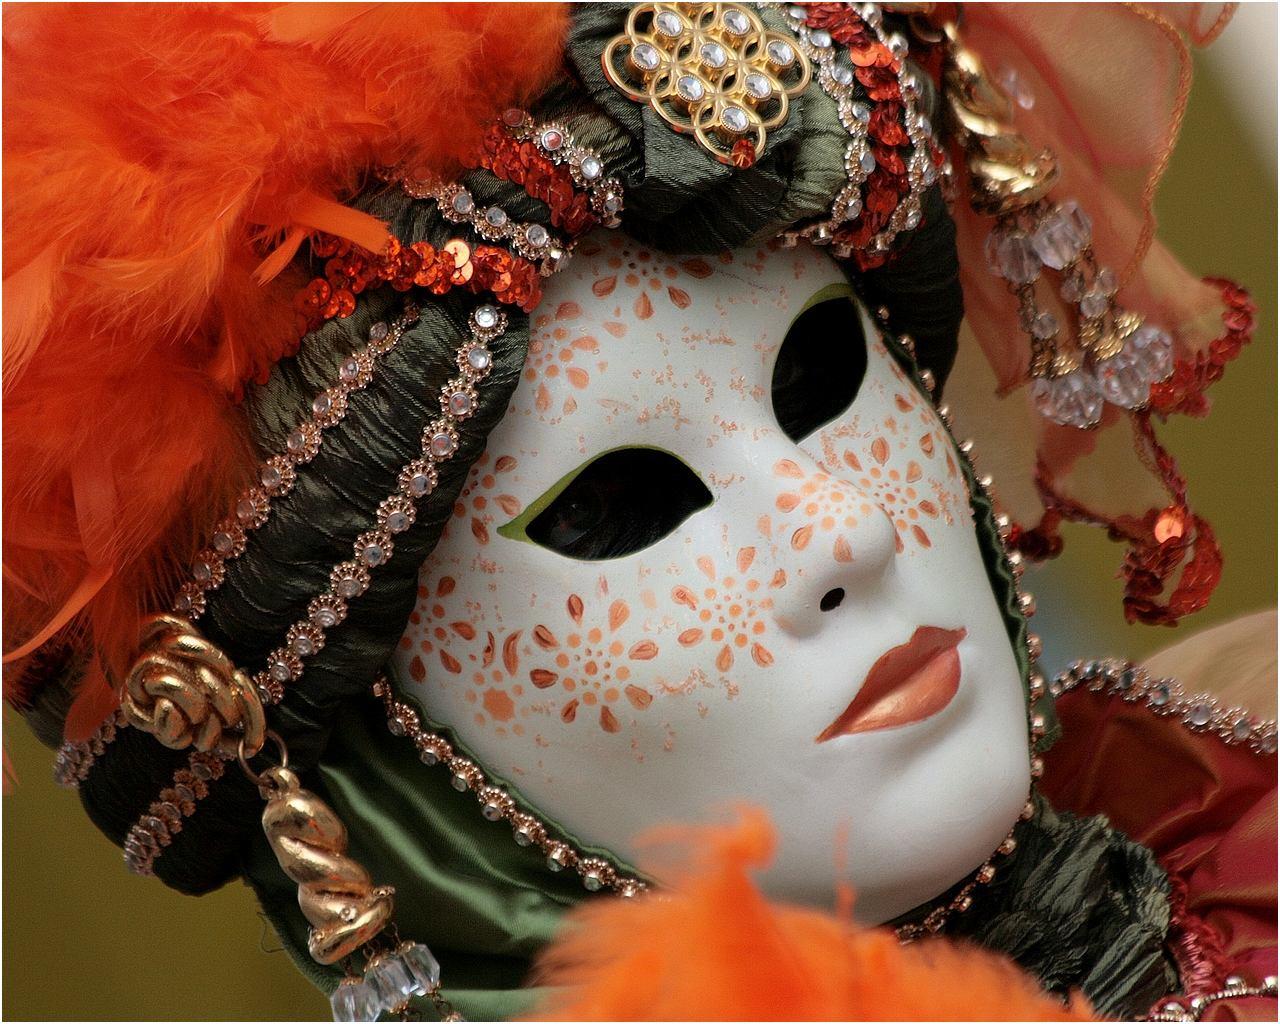 [Jeu] Association d'images - Page 10 Masques-venitiens